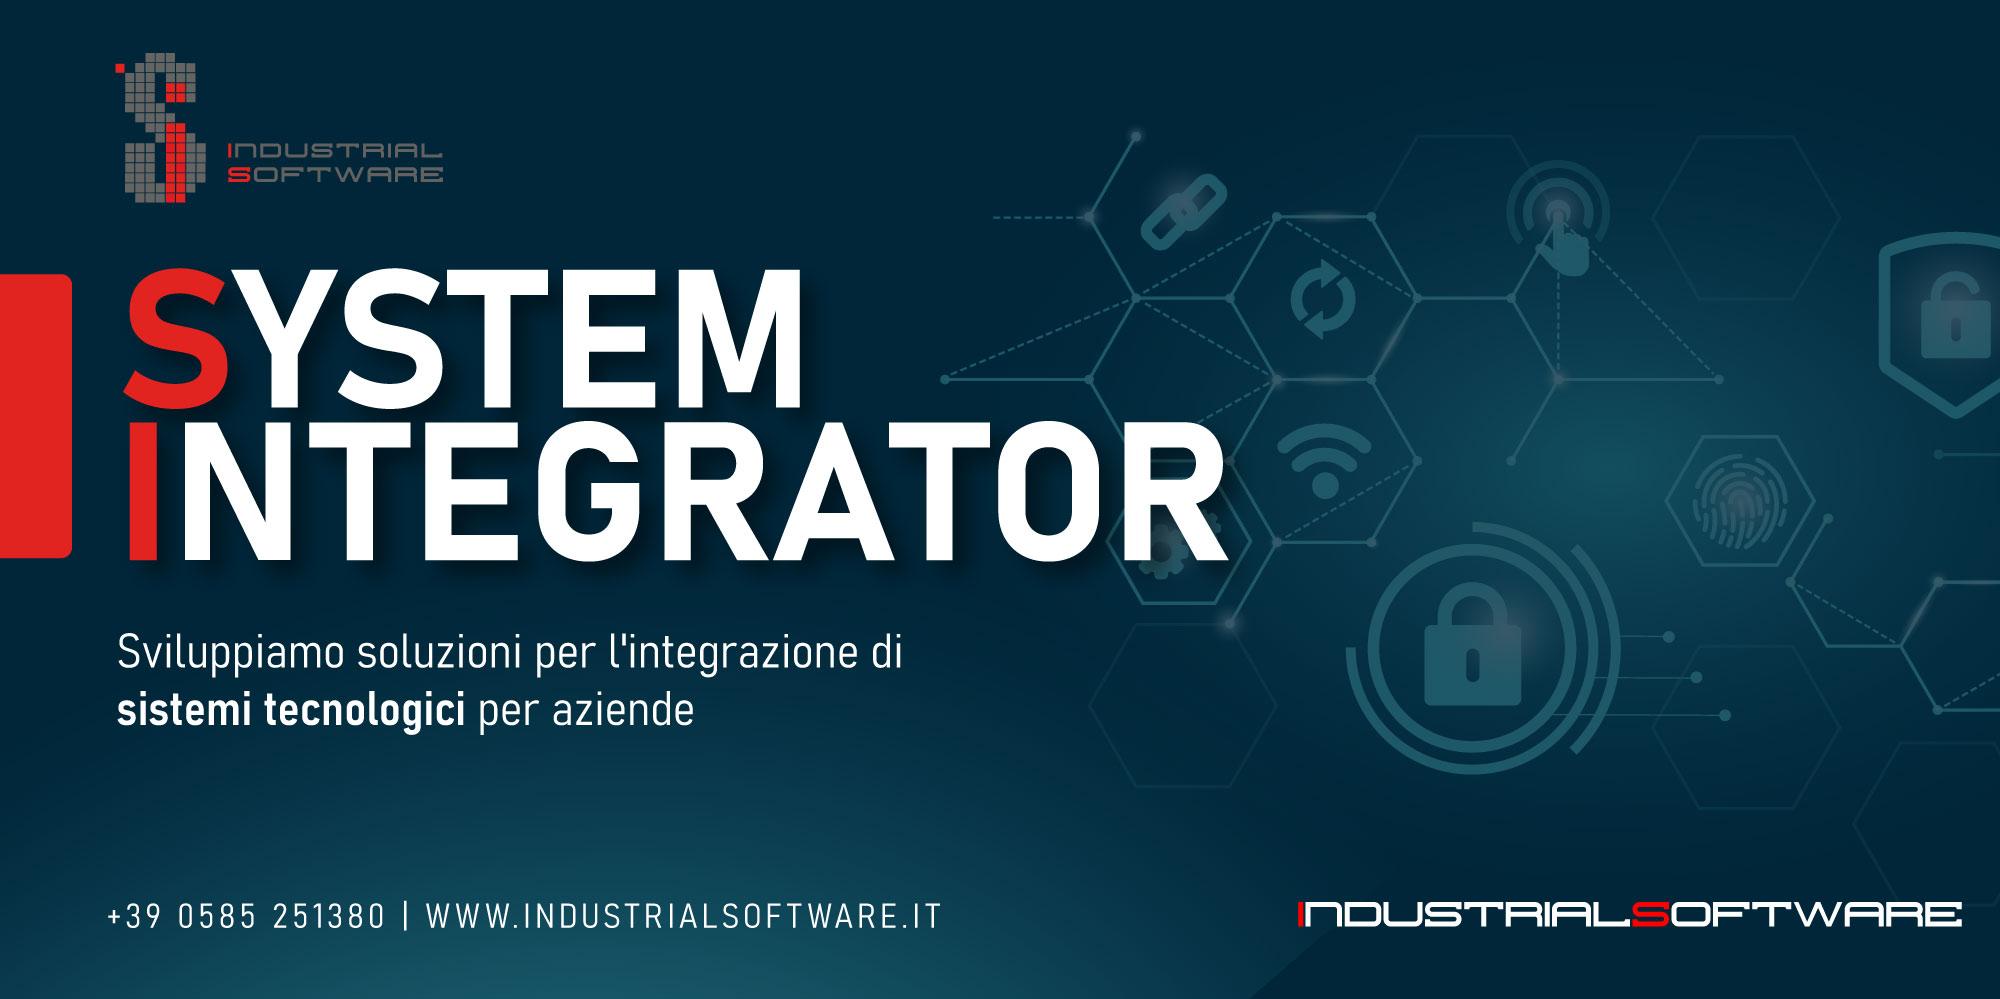 system-integration-lk